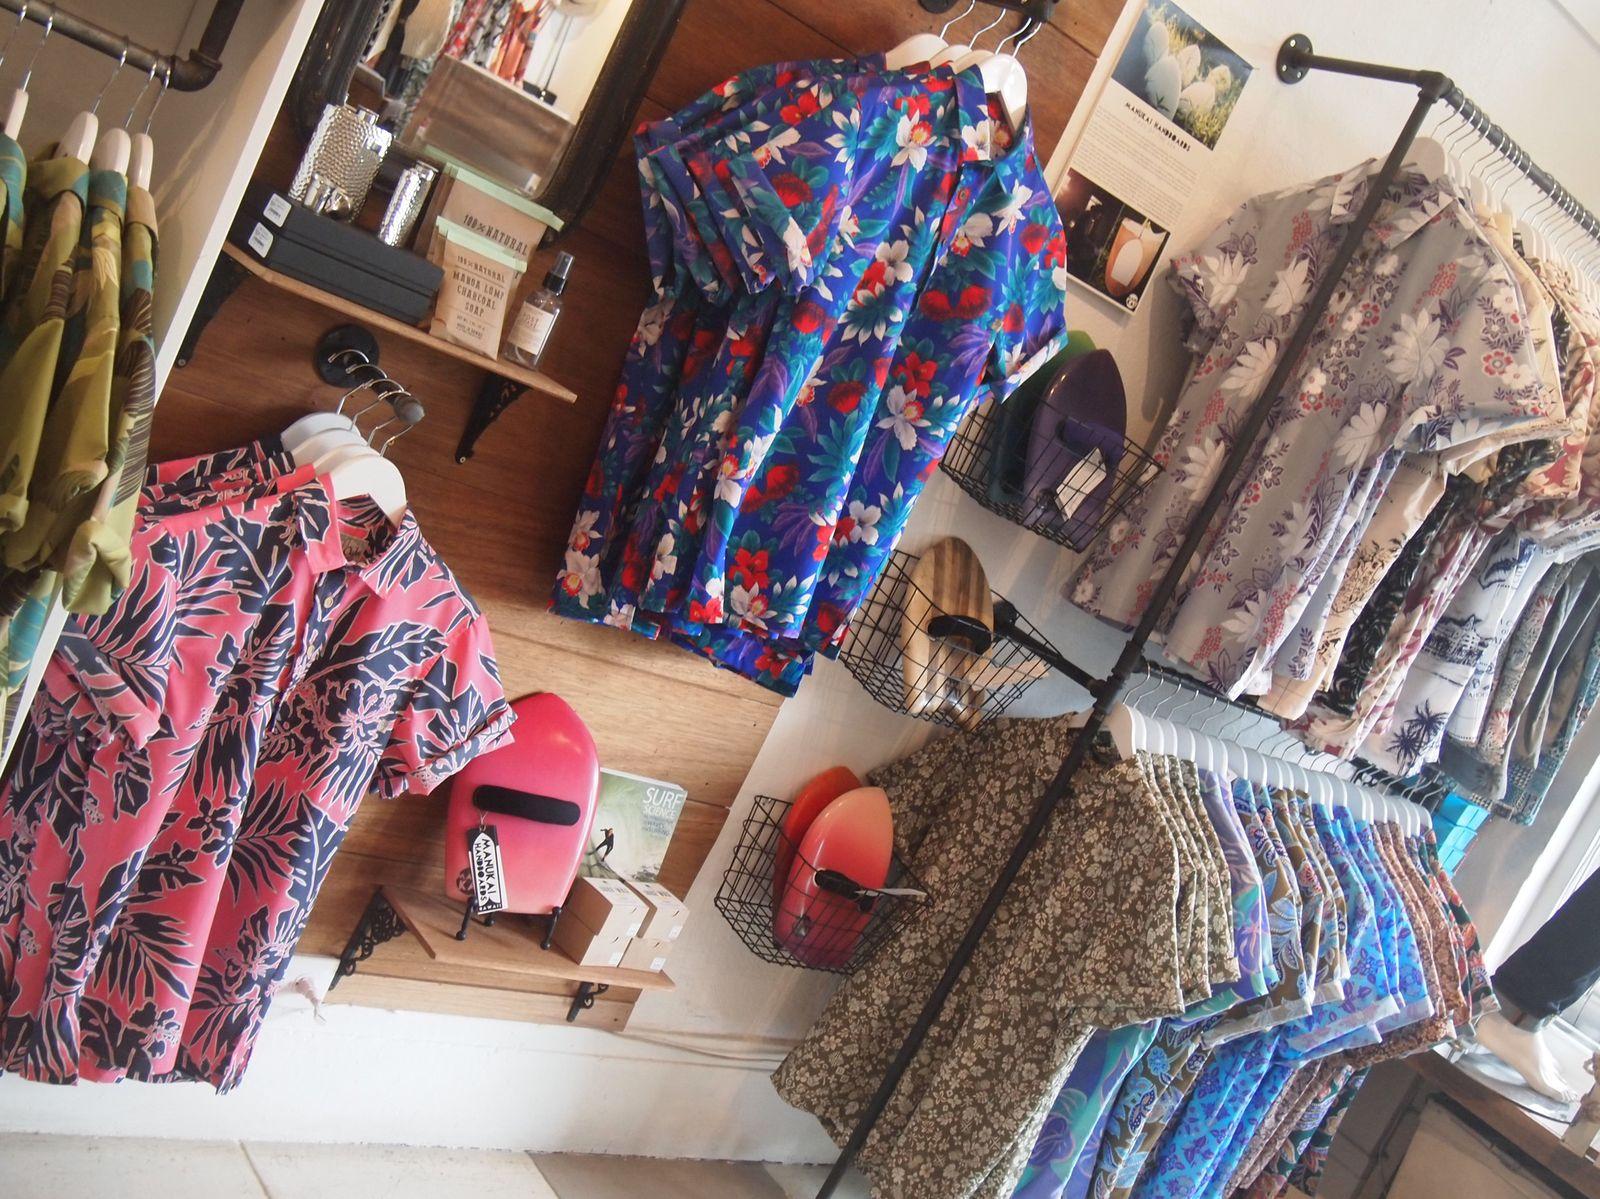 近くには洗練された服や小物の並ぶセレクトショップもたくさん。こちらの「Roberta Oaks」はハワイのローカルデザイナーの手によるオリジナルブランドで、今では全米に100店舗以上も広がっている人気店。センス抜群のアロハや、女性用のワンピースなど目移りしてしまいます。